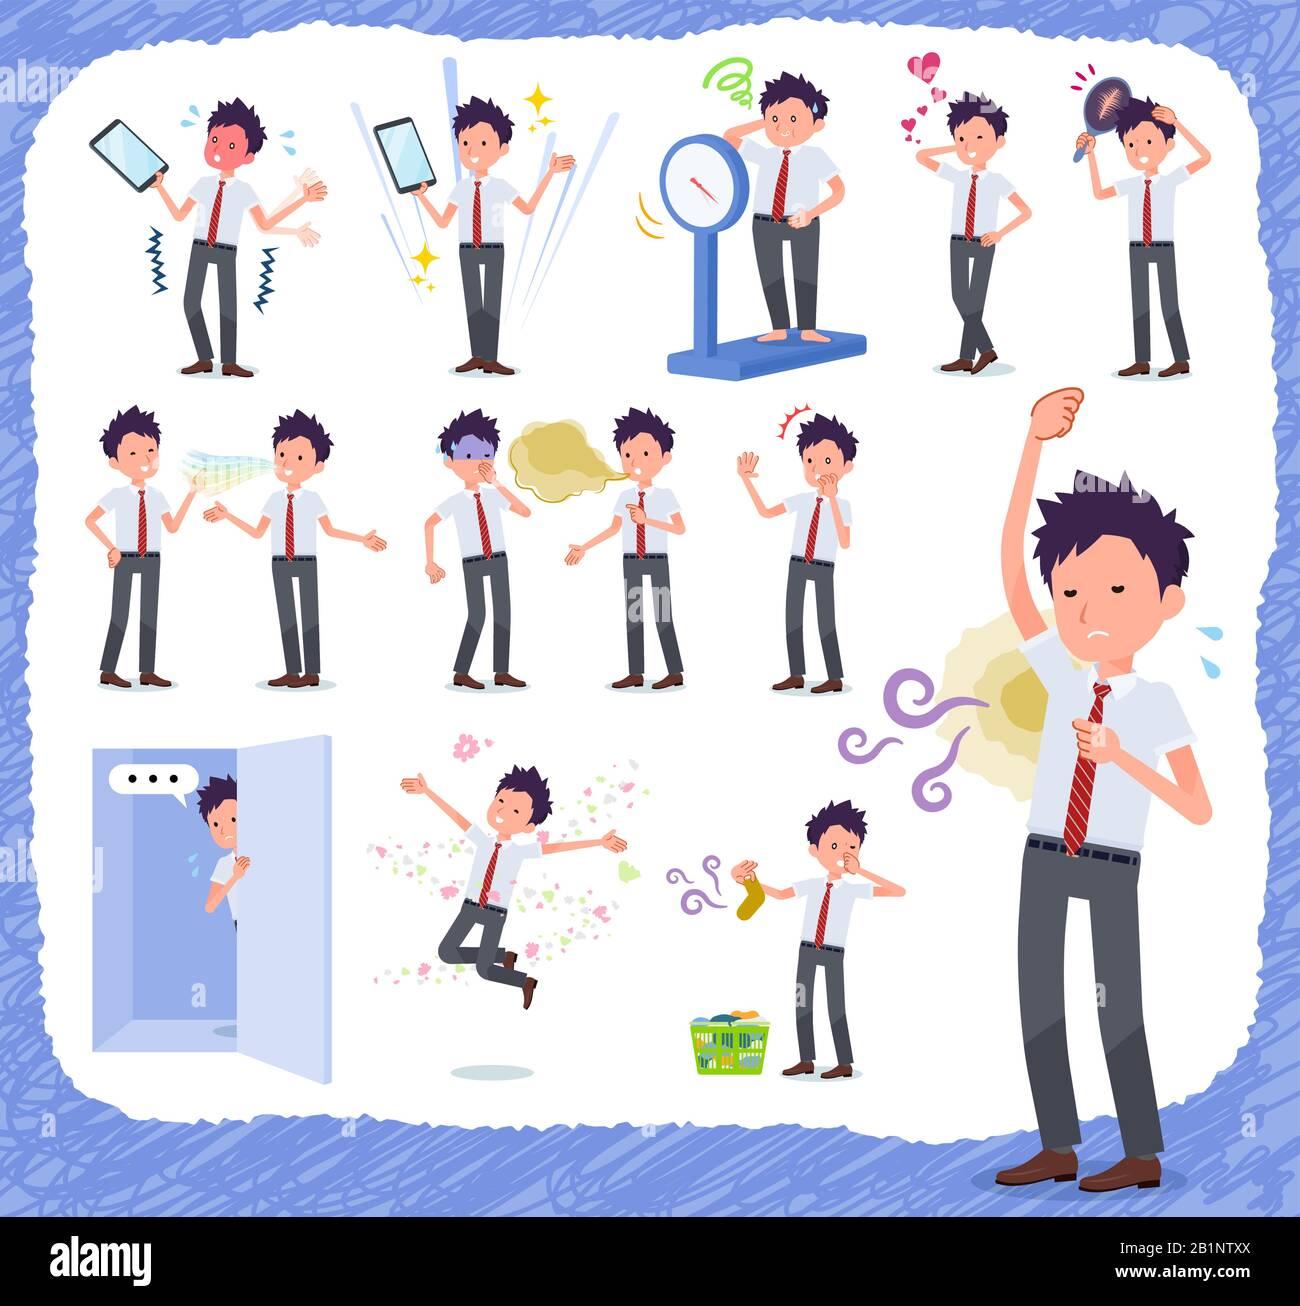 Un conjunto de schoolboy de manga corta en la inferioridad complex.There son acciones que sufren de olor y apariencia.It's arte vectorial así que es fácil de editar. Ilustración del Vector